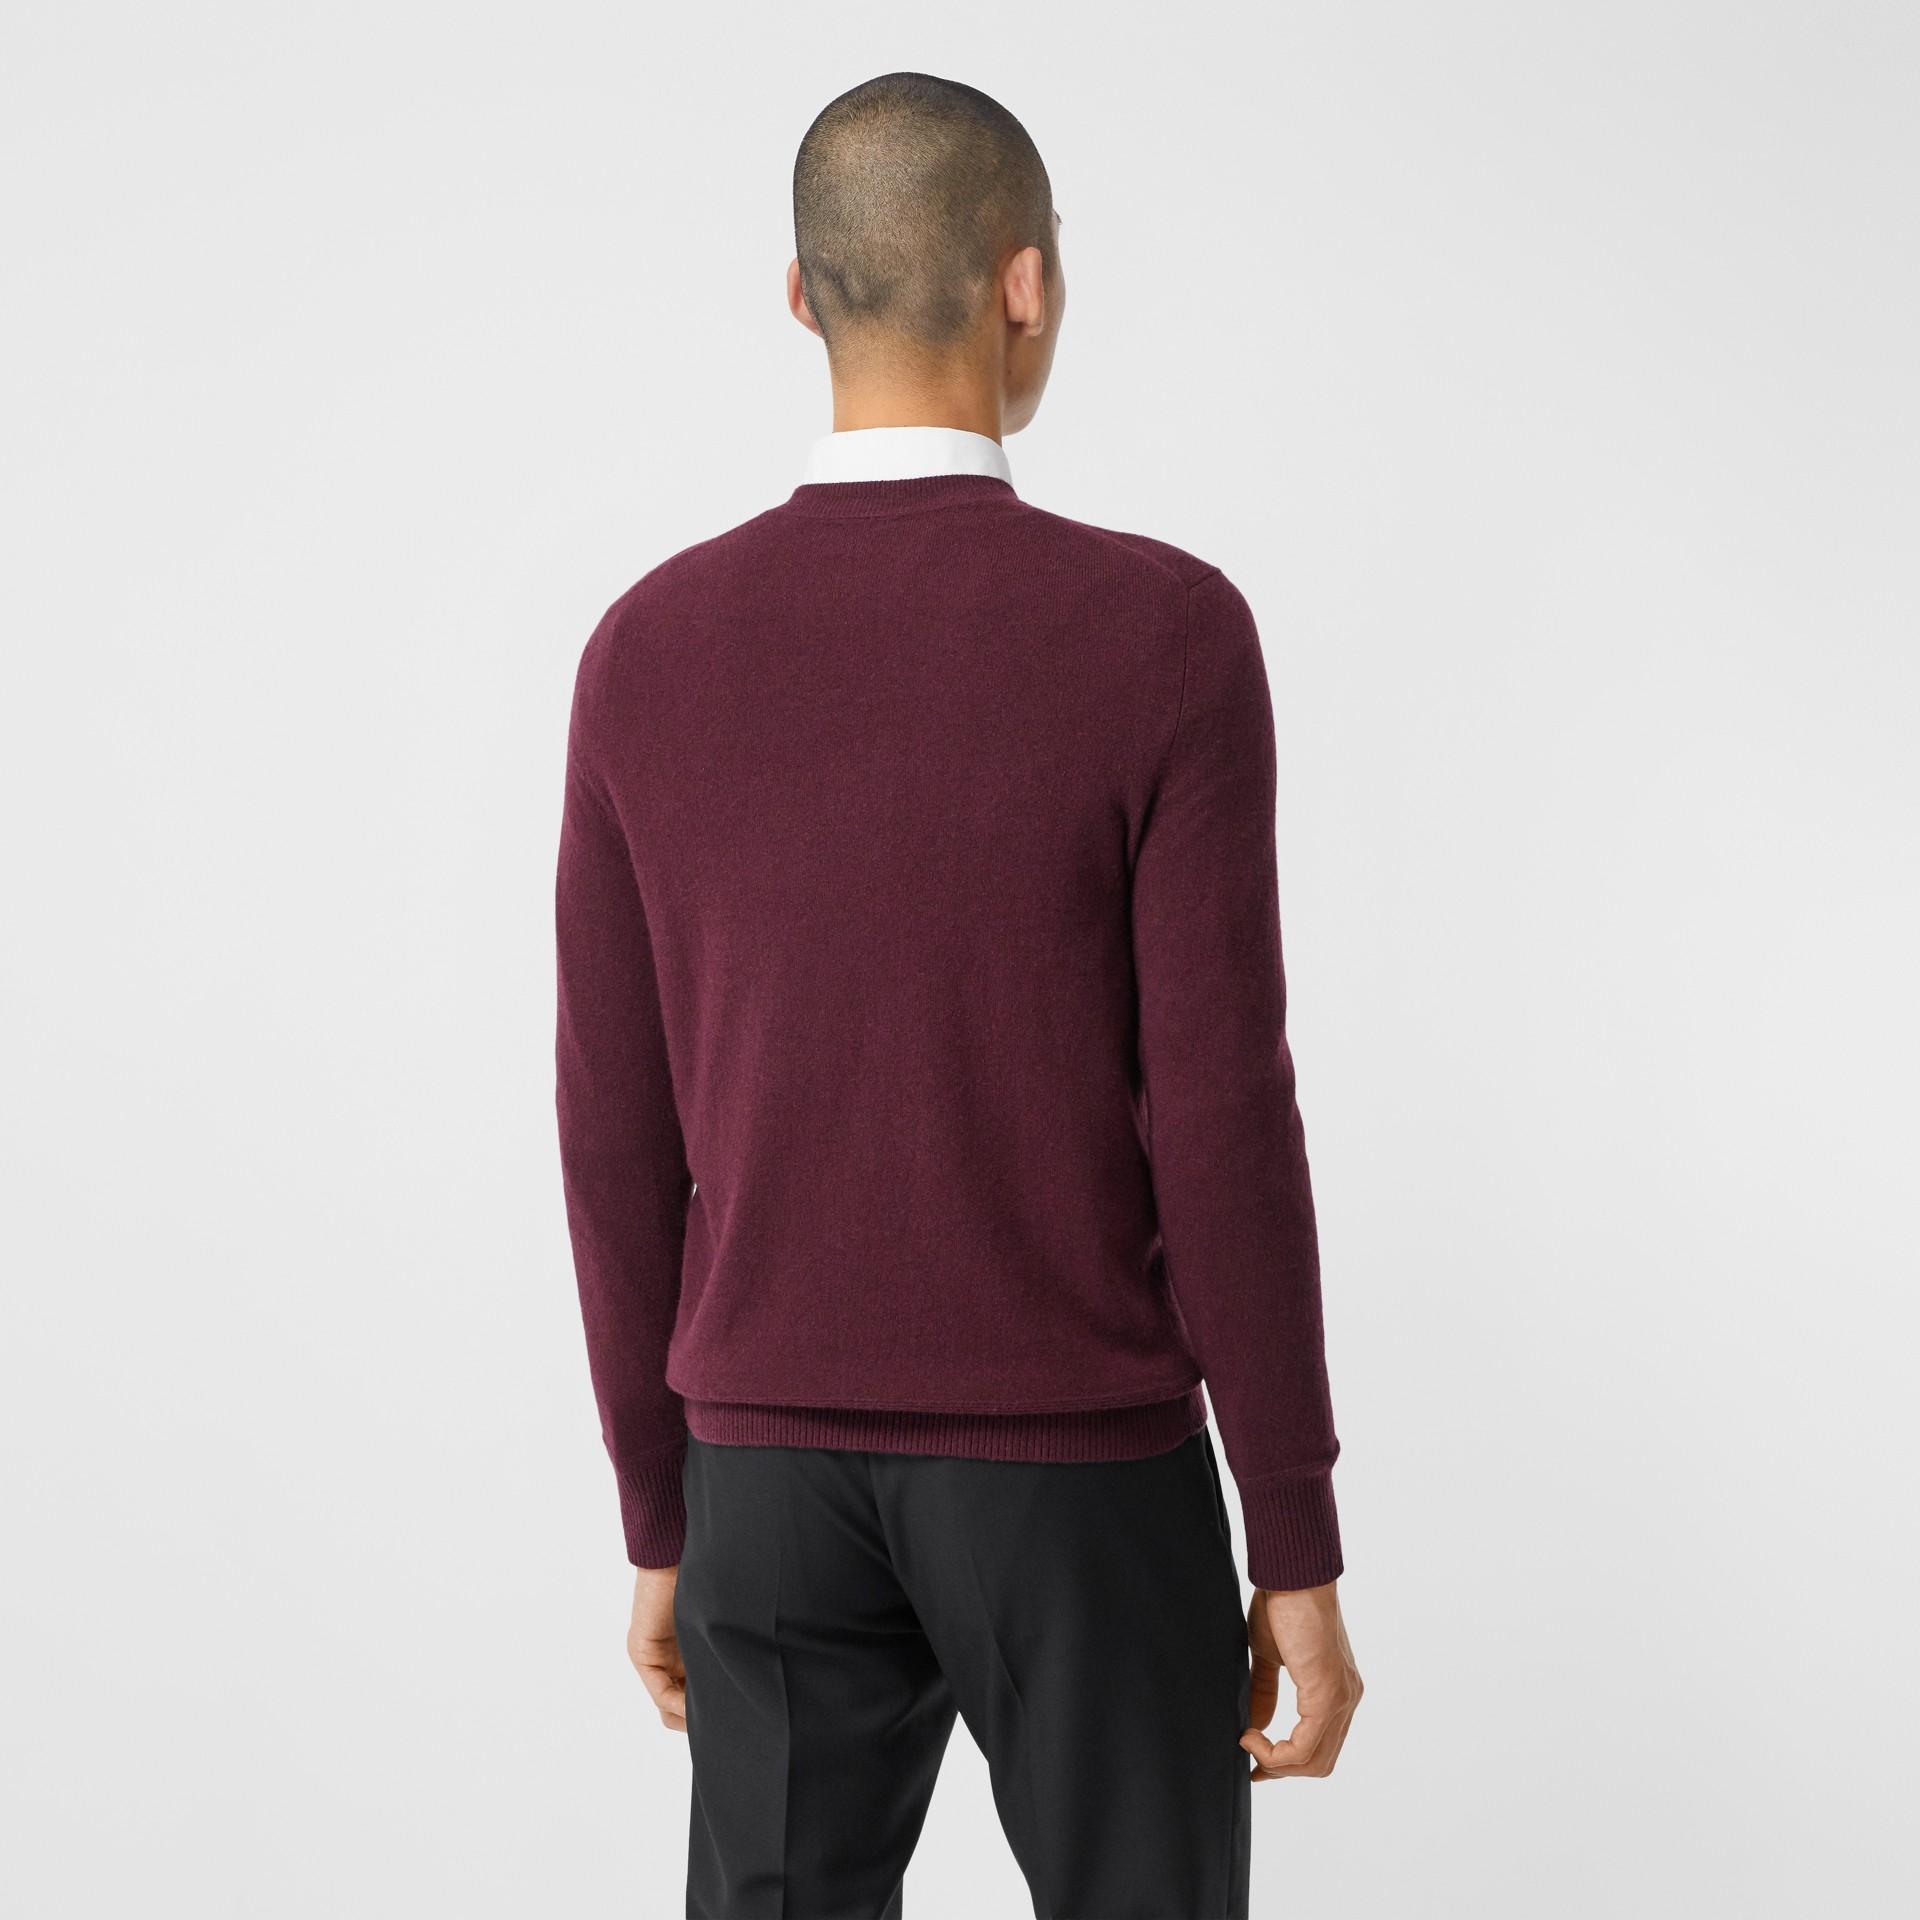 모노그램 모티프 캐시미어 스웨터 (버건디) - 남성 | Burberry - 갤러리 이미지 2